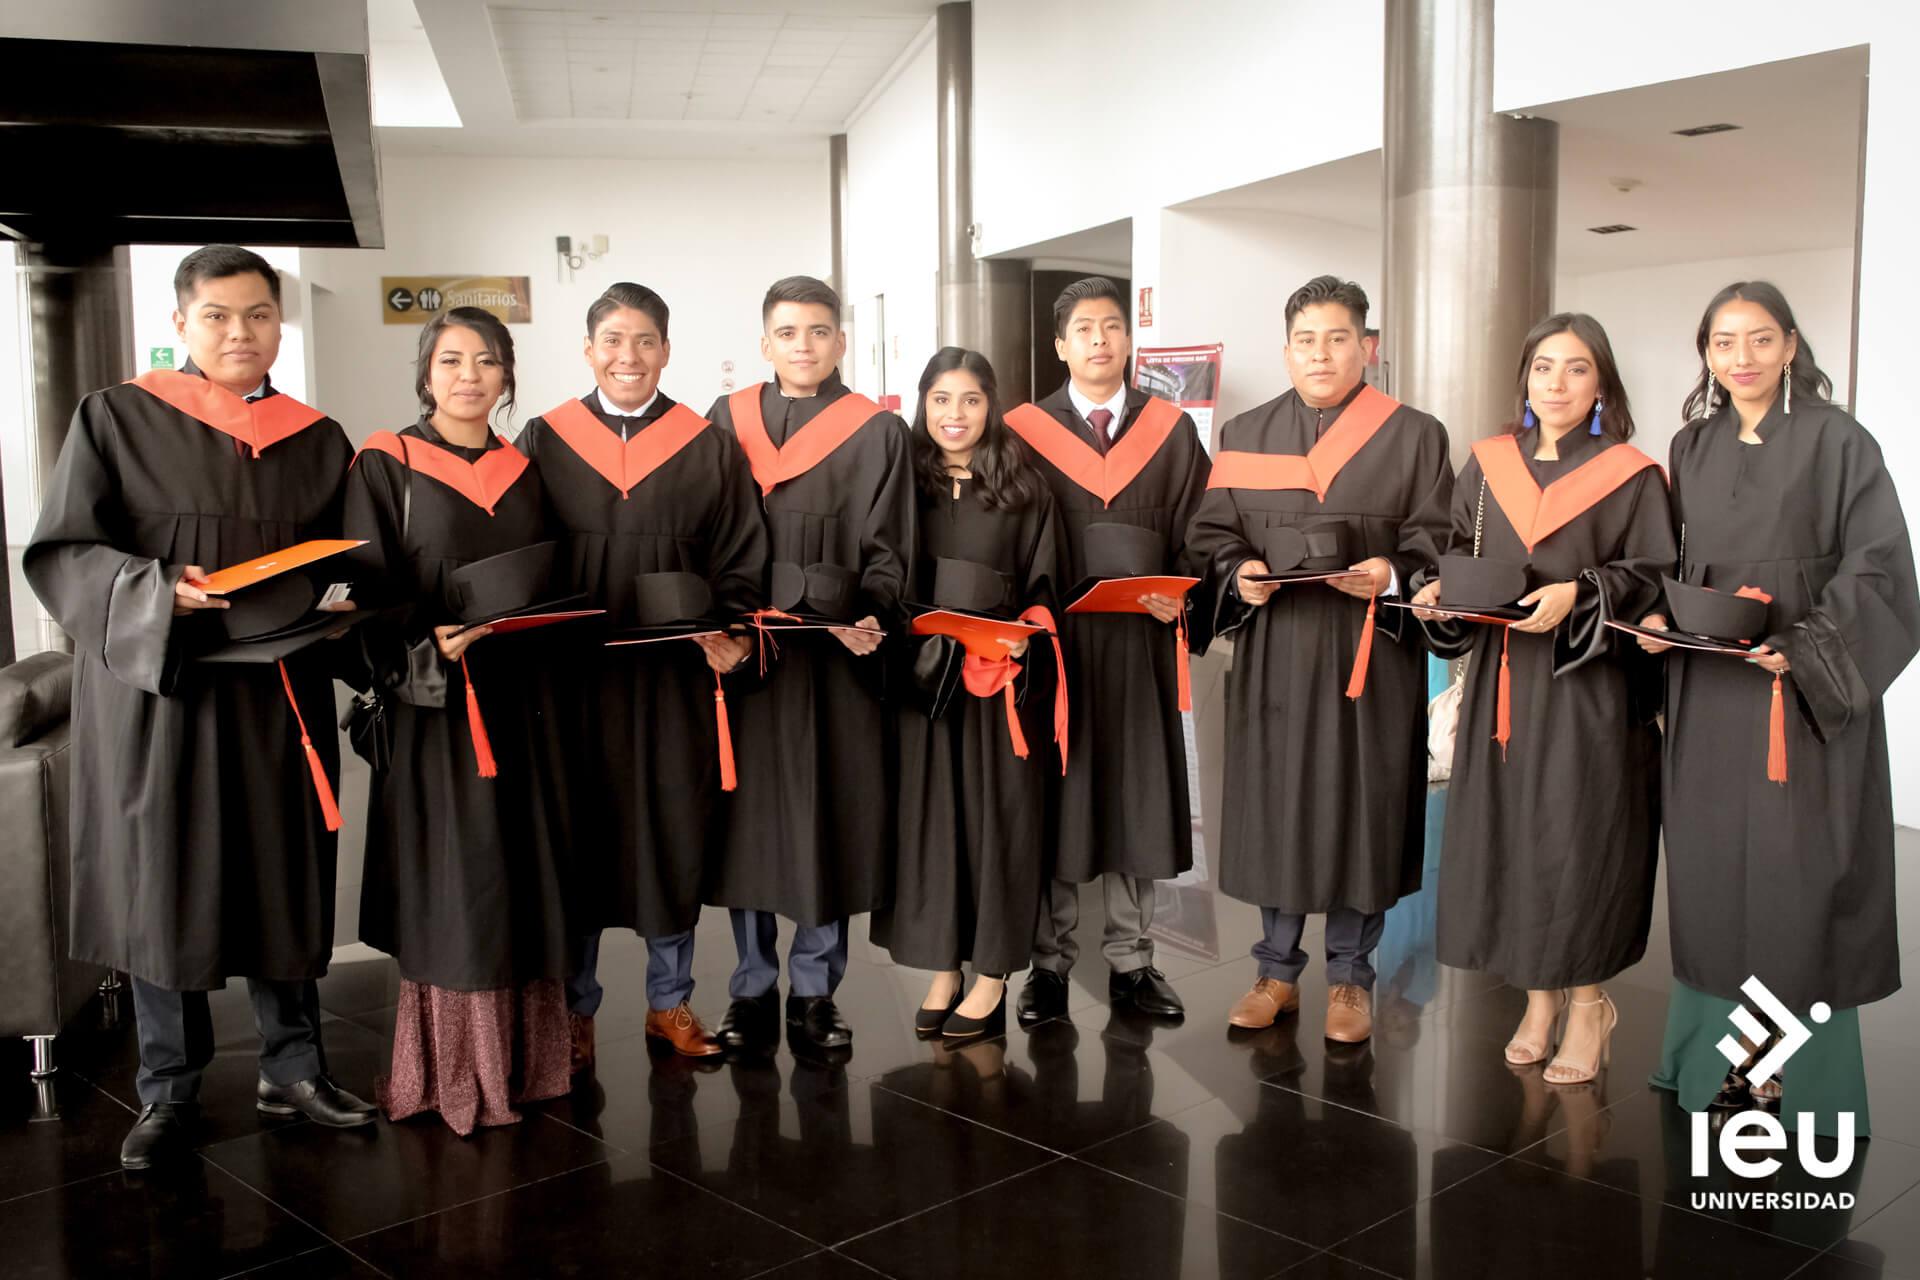 Universidad Ieu Graduacion 2019 6